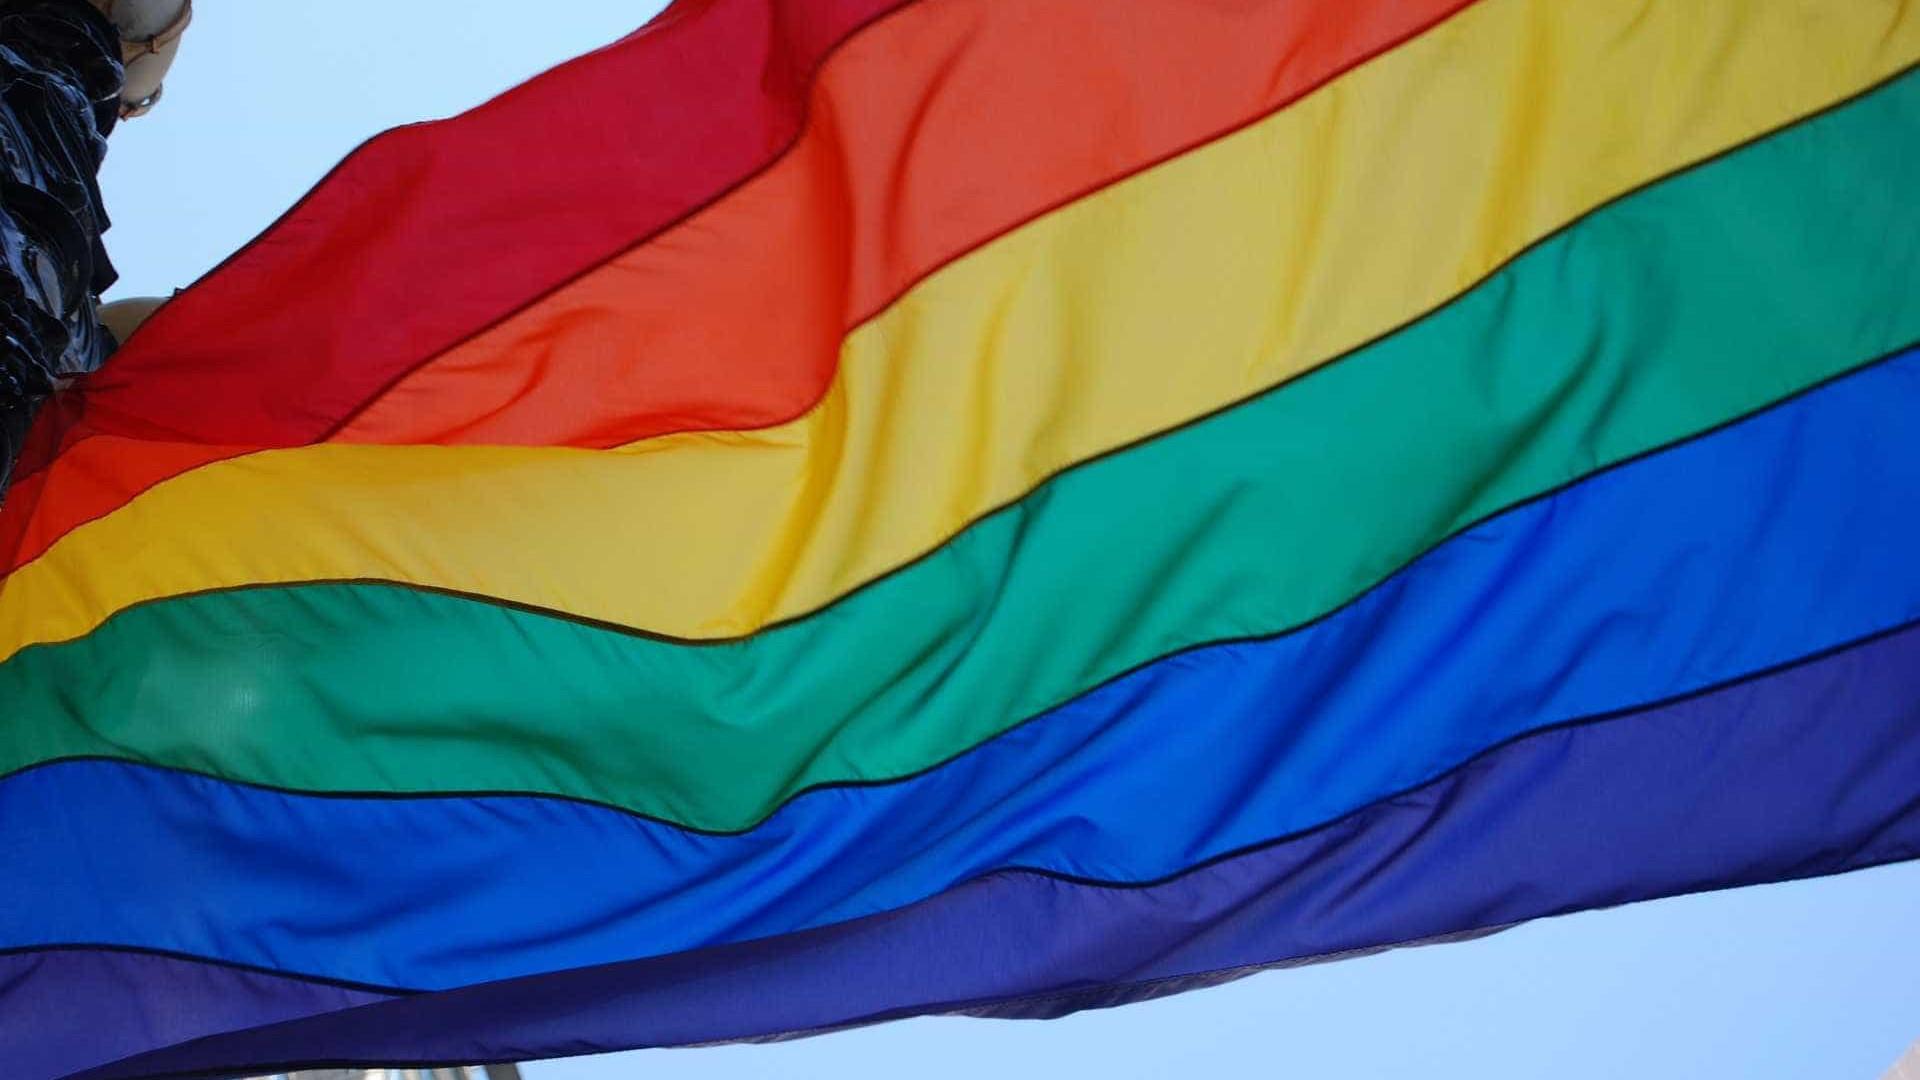 Conselho de Psicologia aprova nova regra para atendimento a transexuais